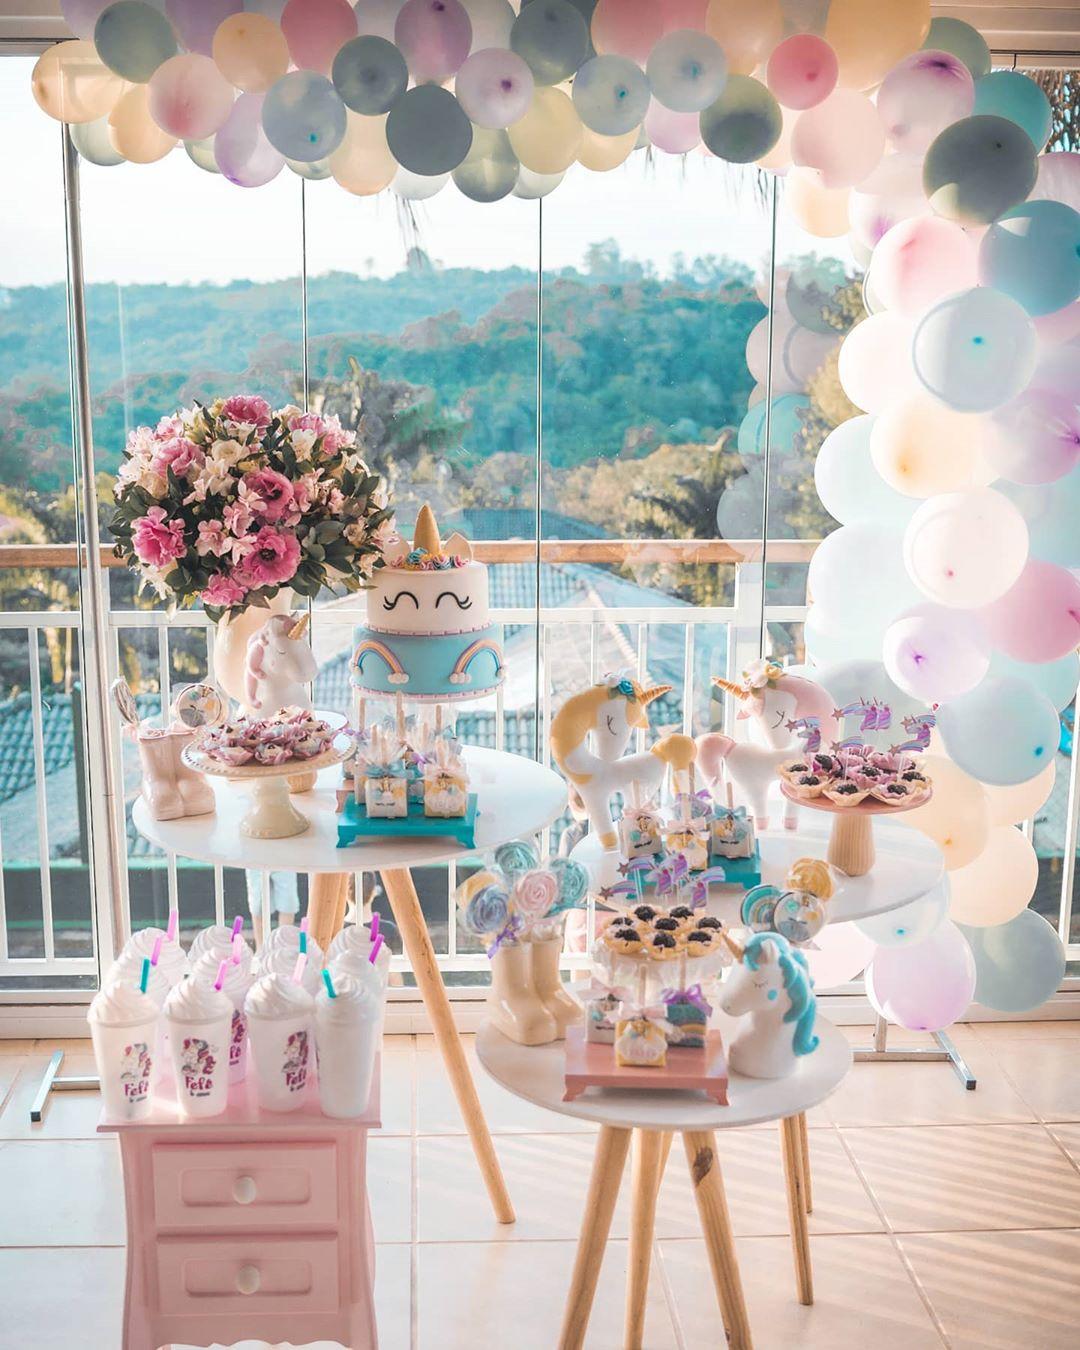 decoração festa unicornio delicada